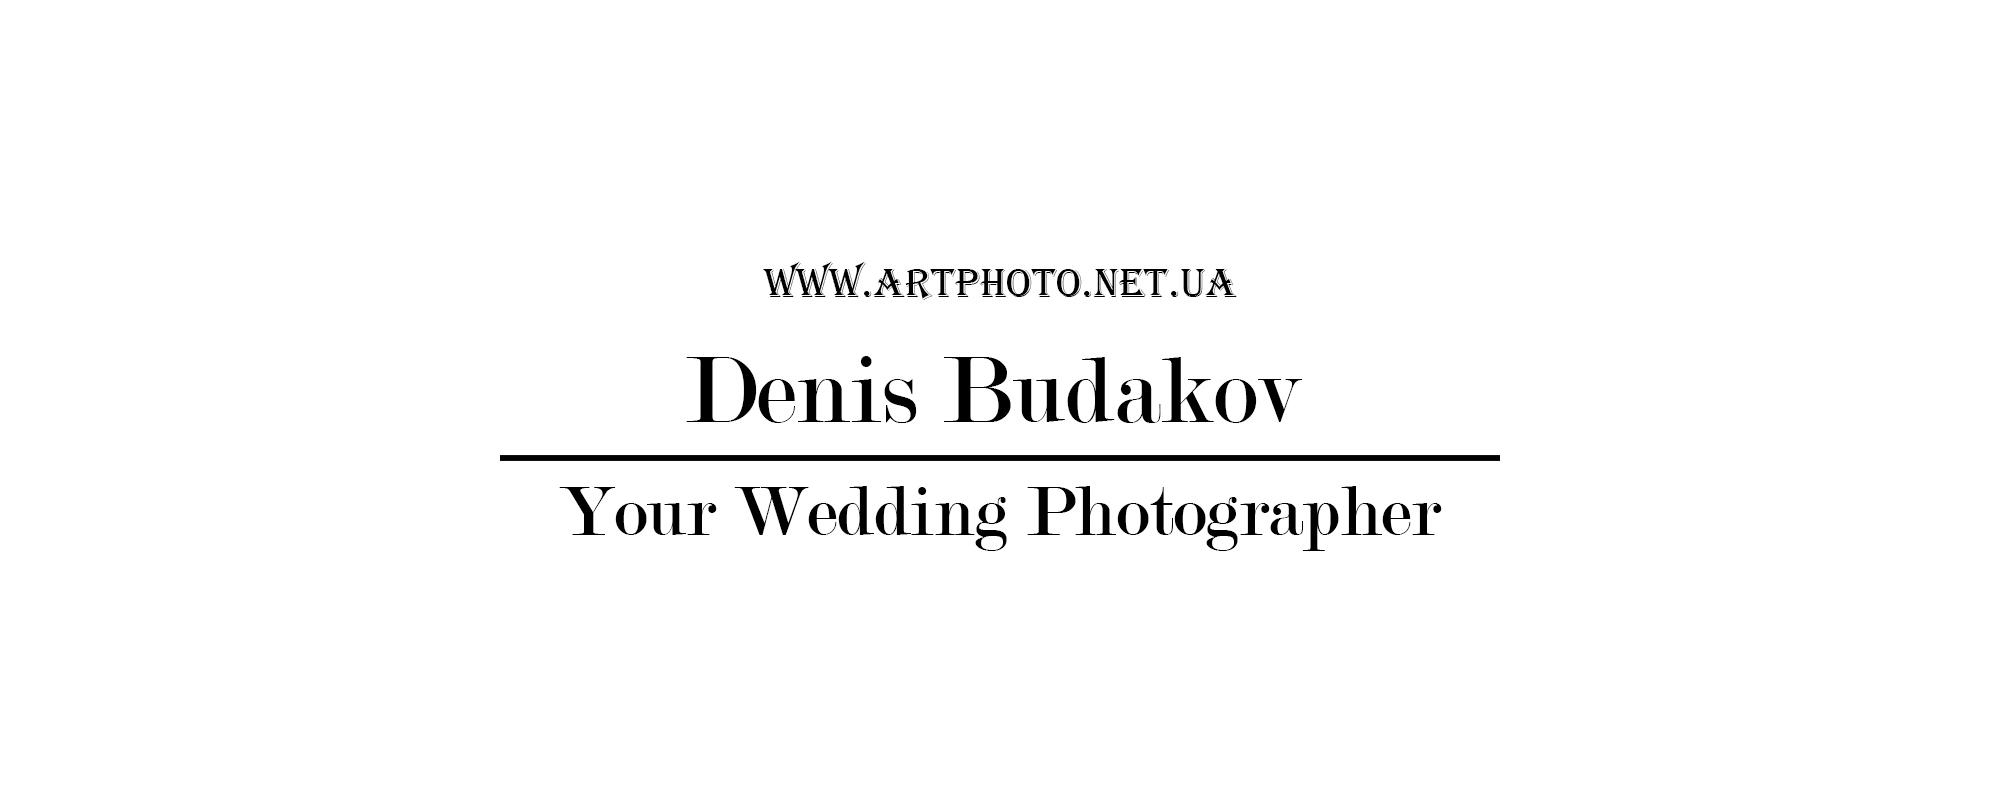 Свадебный фотограф: Денис Будаков